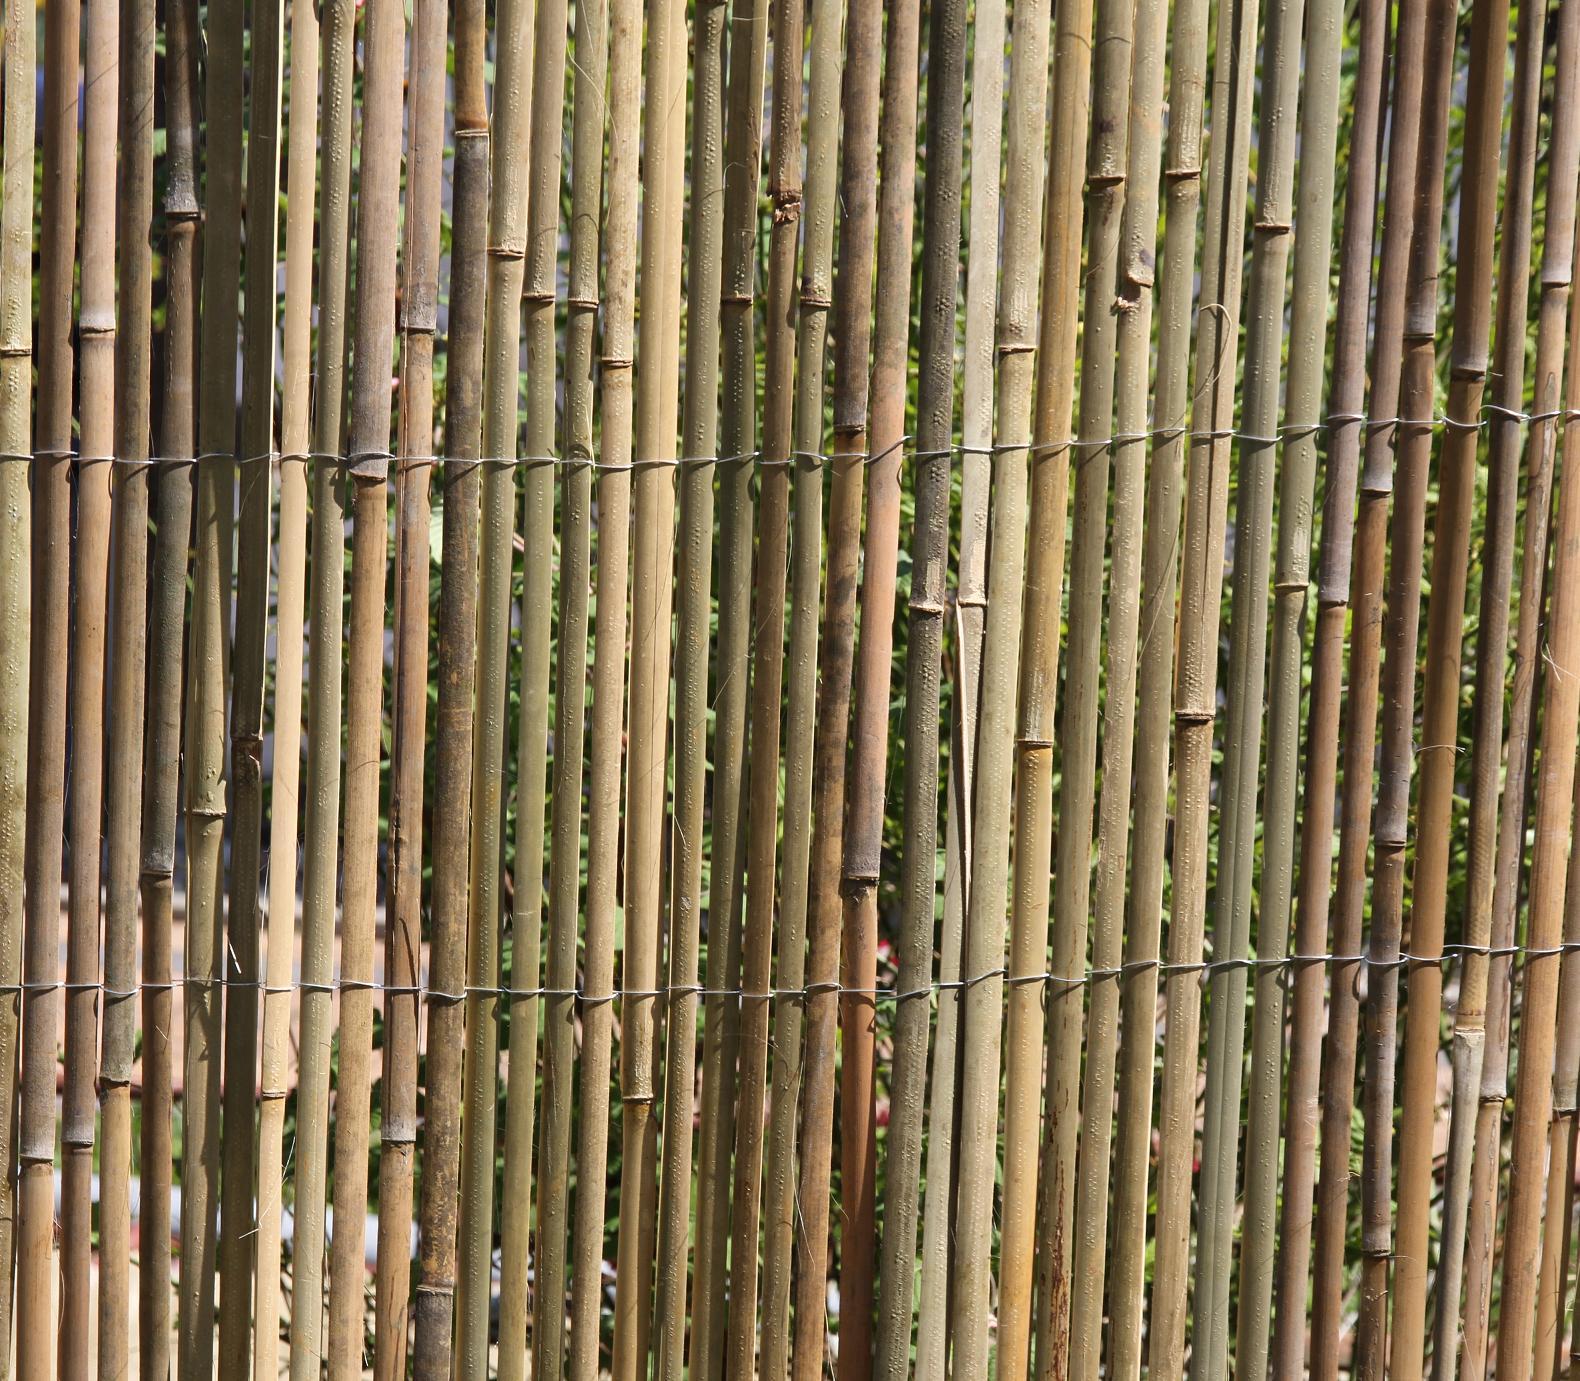 BAMBUSMATTE 3m x 1 5m BAMBUS Sichtschutzmatte Zaun Sichtschutz